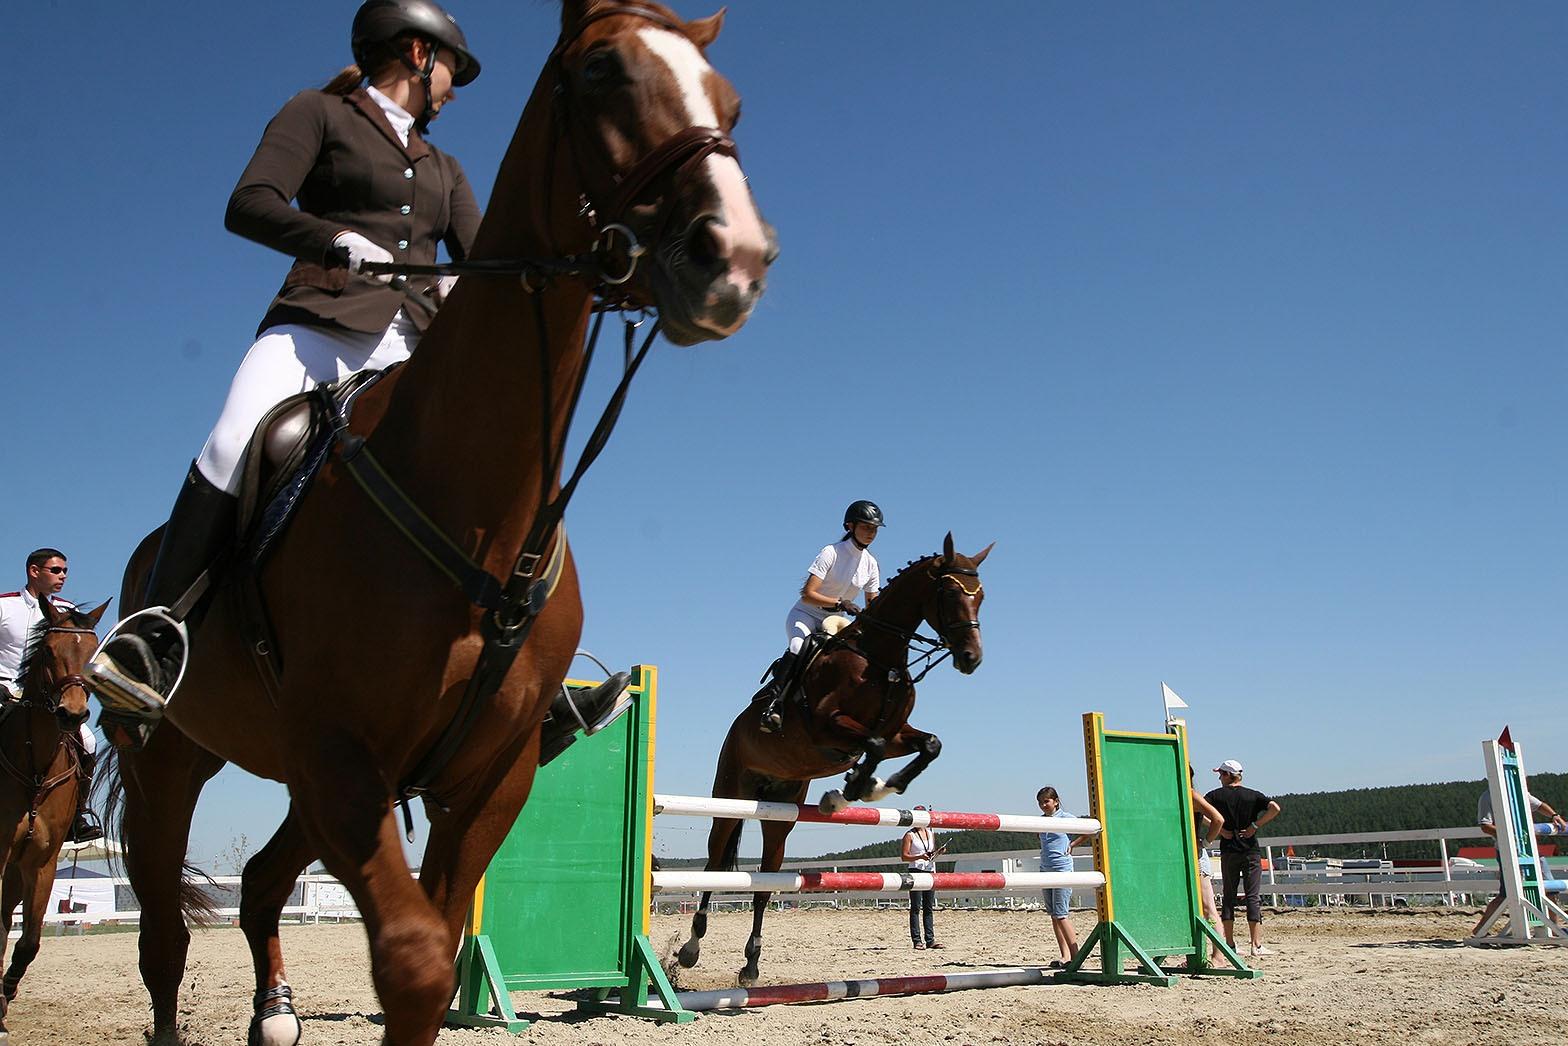 За кубок УрФО по конкуру сразятся более ста спортсменов